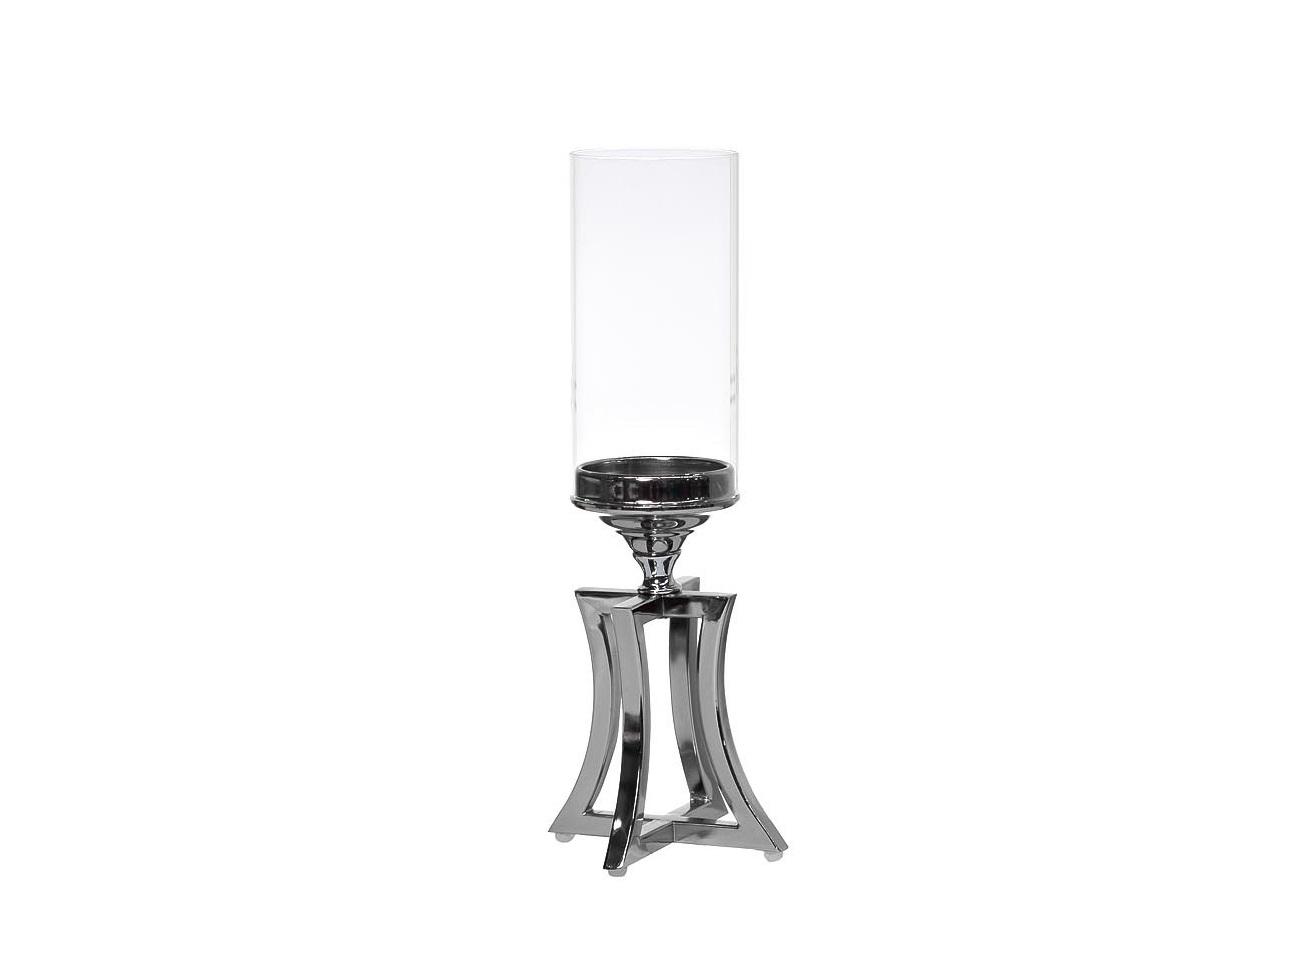 ПодсвечникПодсвечники<br>Материалы: никелированный металл, стекло<br><br>Material: Металл<br>Высота см: 41.0